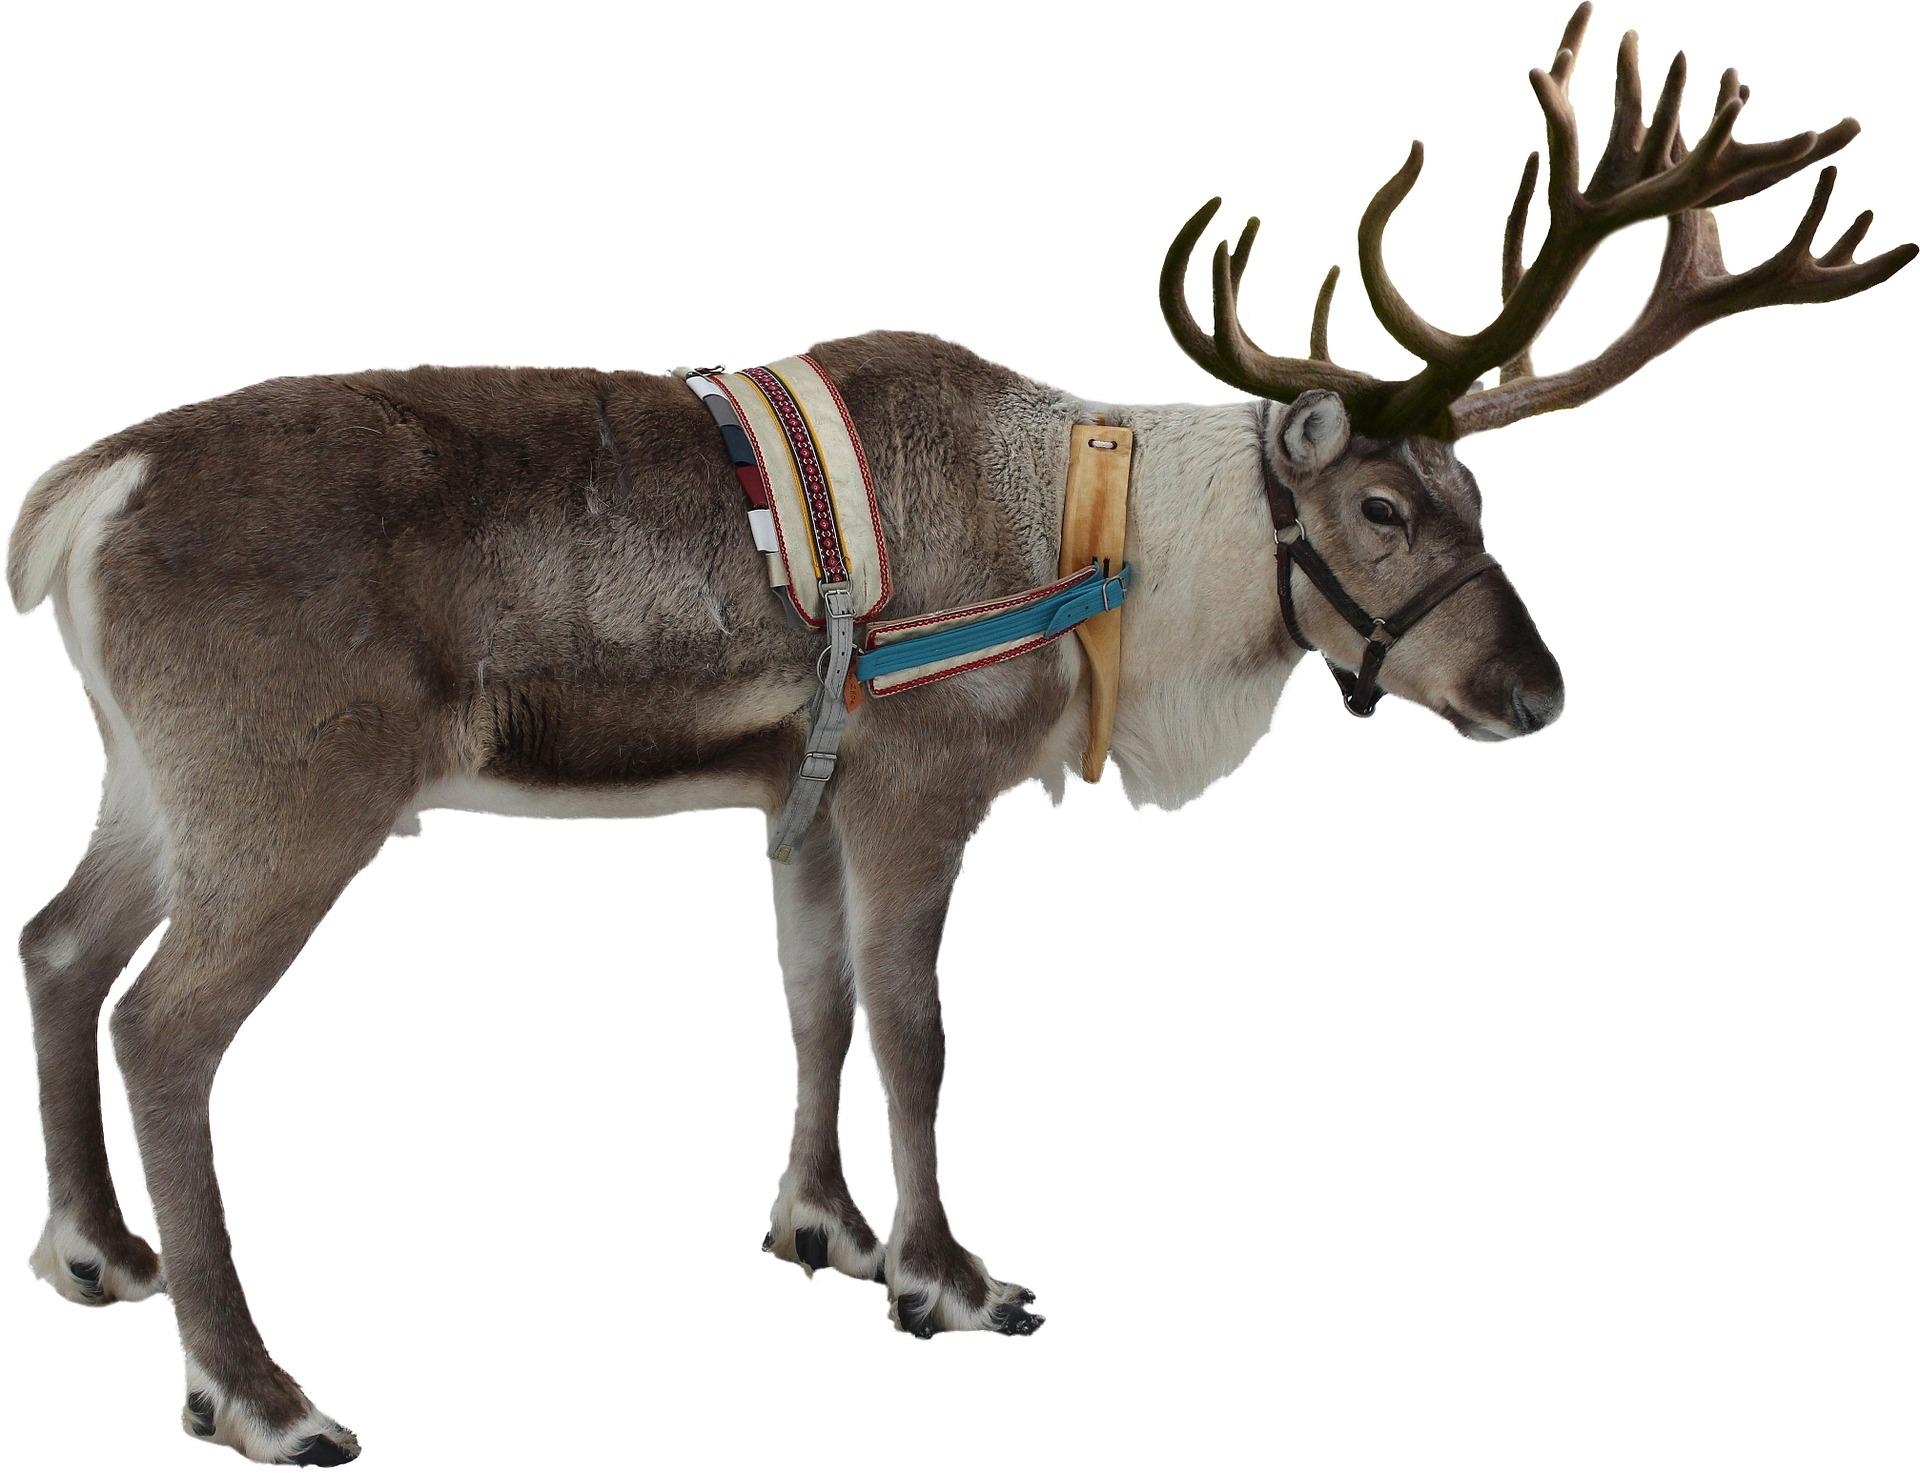 Rudolphs rote Nase mikrobiologisch erklärt – Merry Xmas ...